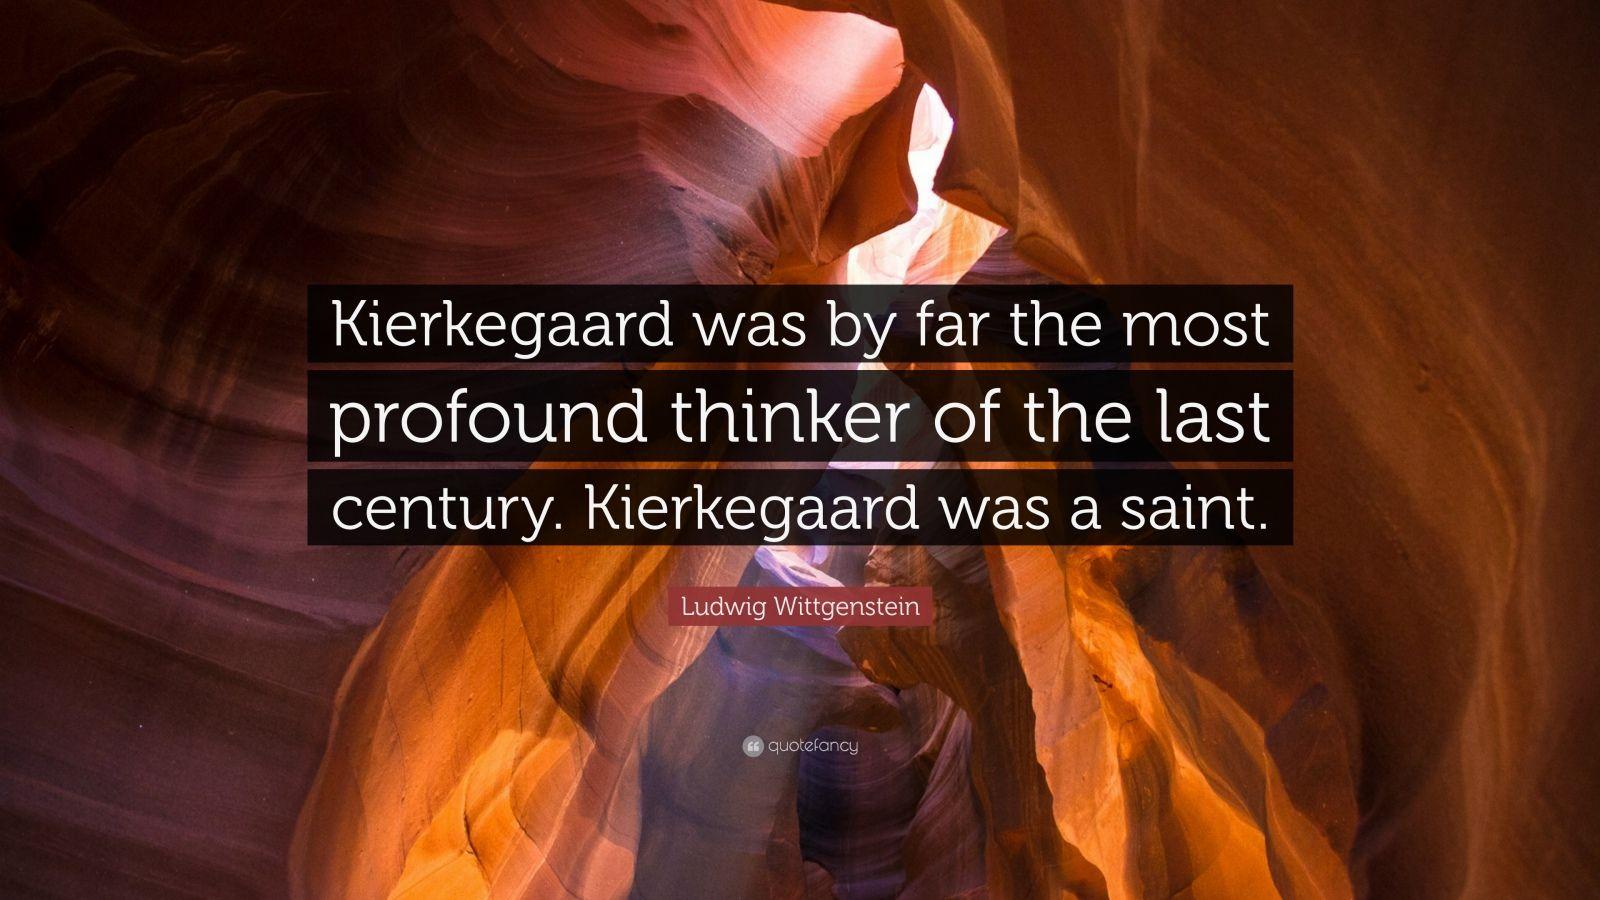 """Ludwig Wittgenstein Quote: """"Kierkegaard was by far the most profound thinker of the last century. Kierkegaard was a saint."""""""